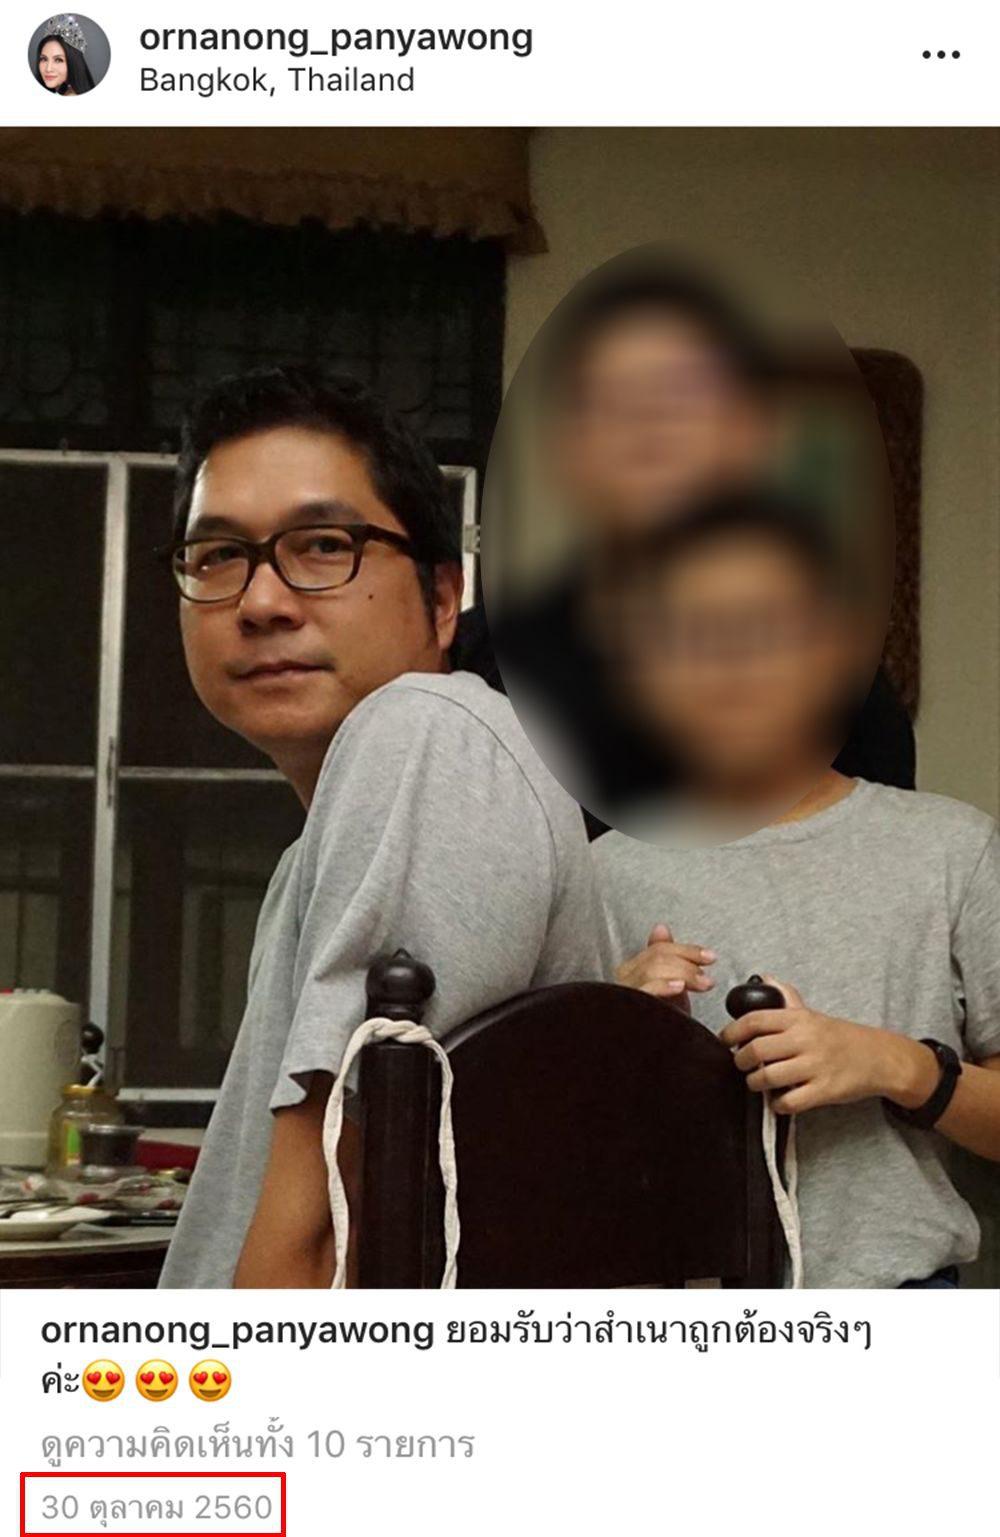 ภาพสุดท้ายของสามีในไอจี อรอนงค์